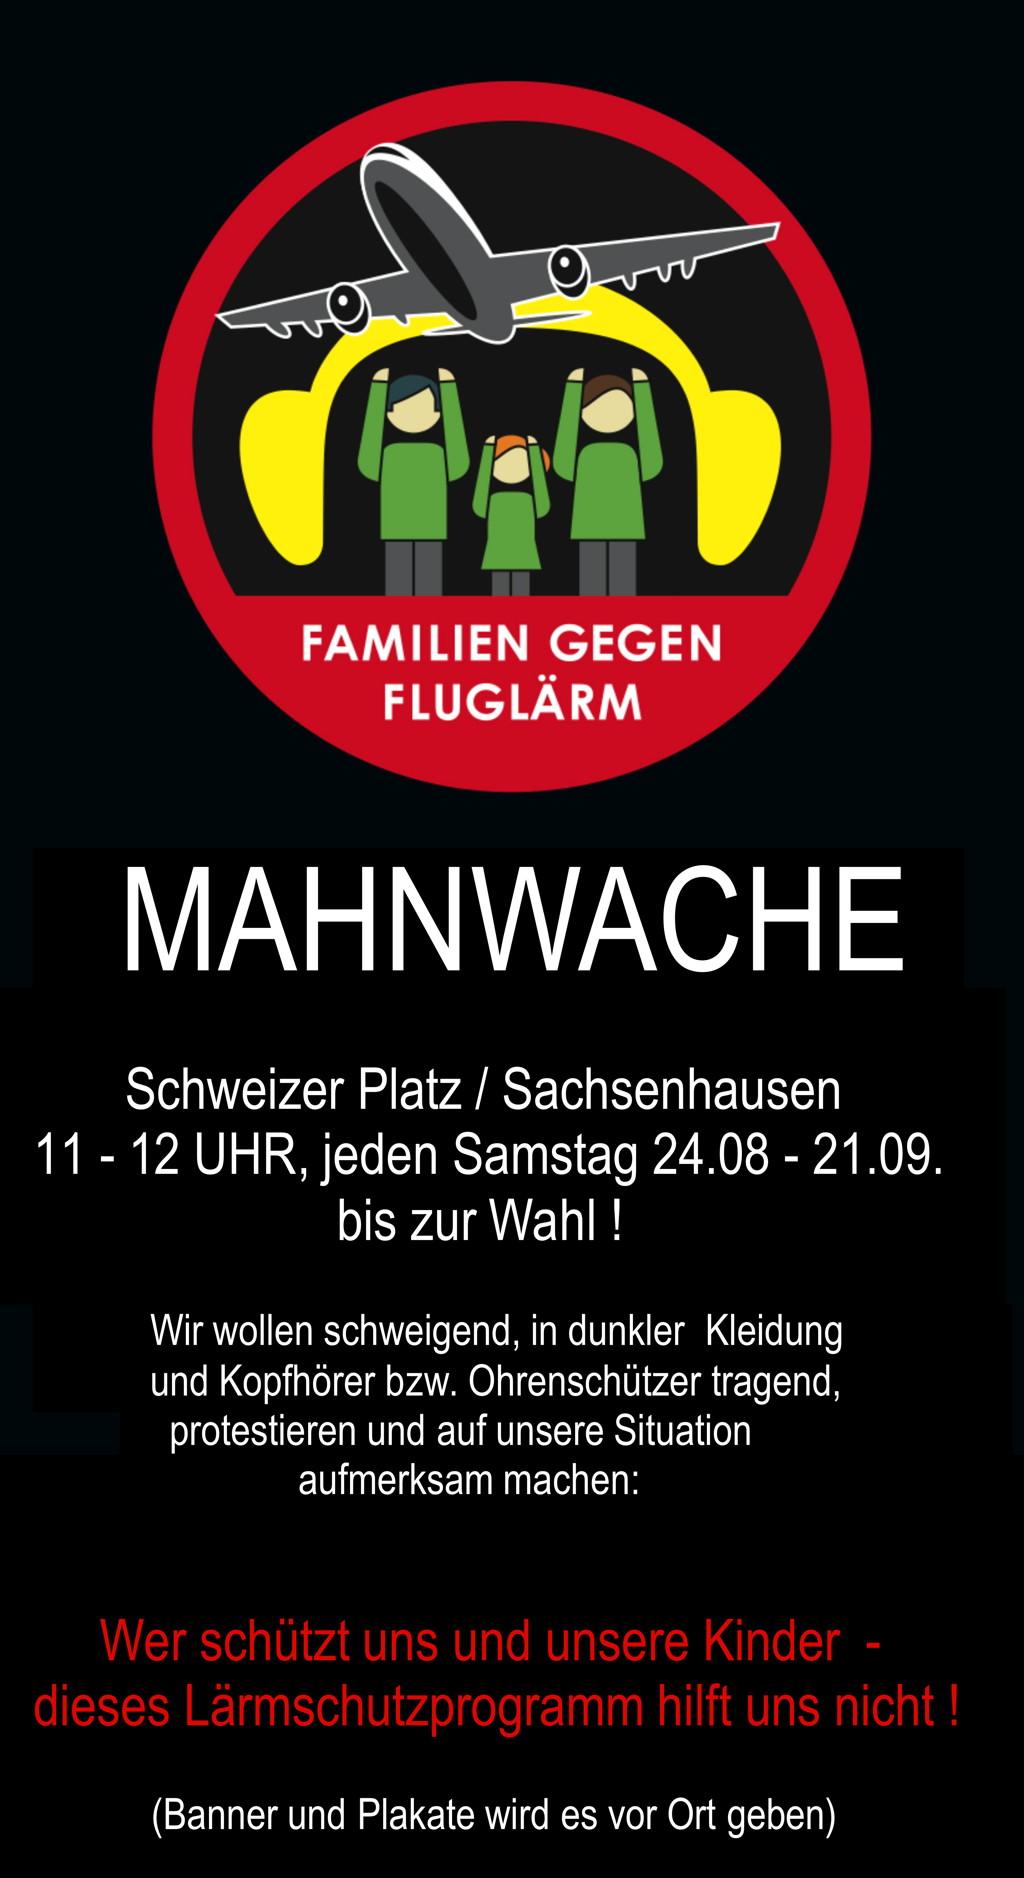 MahnwacheFGFL1024